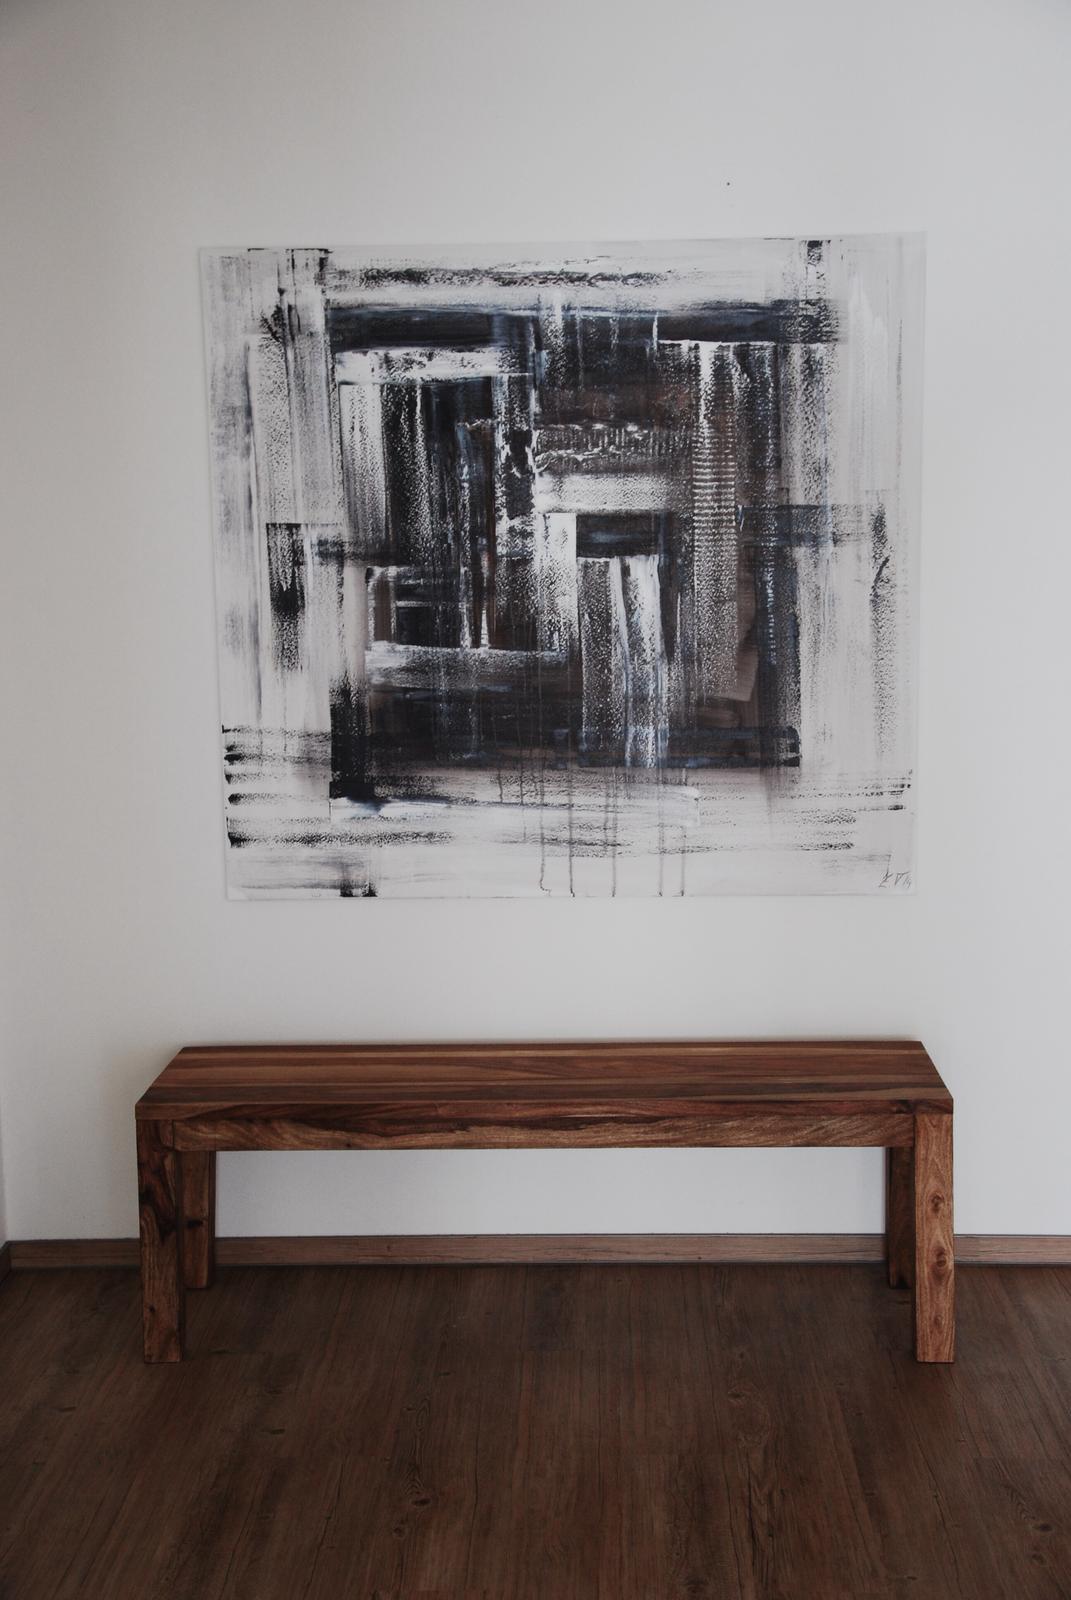 Mé obrazy v interiérech - Obrázek č. 20